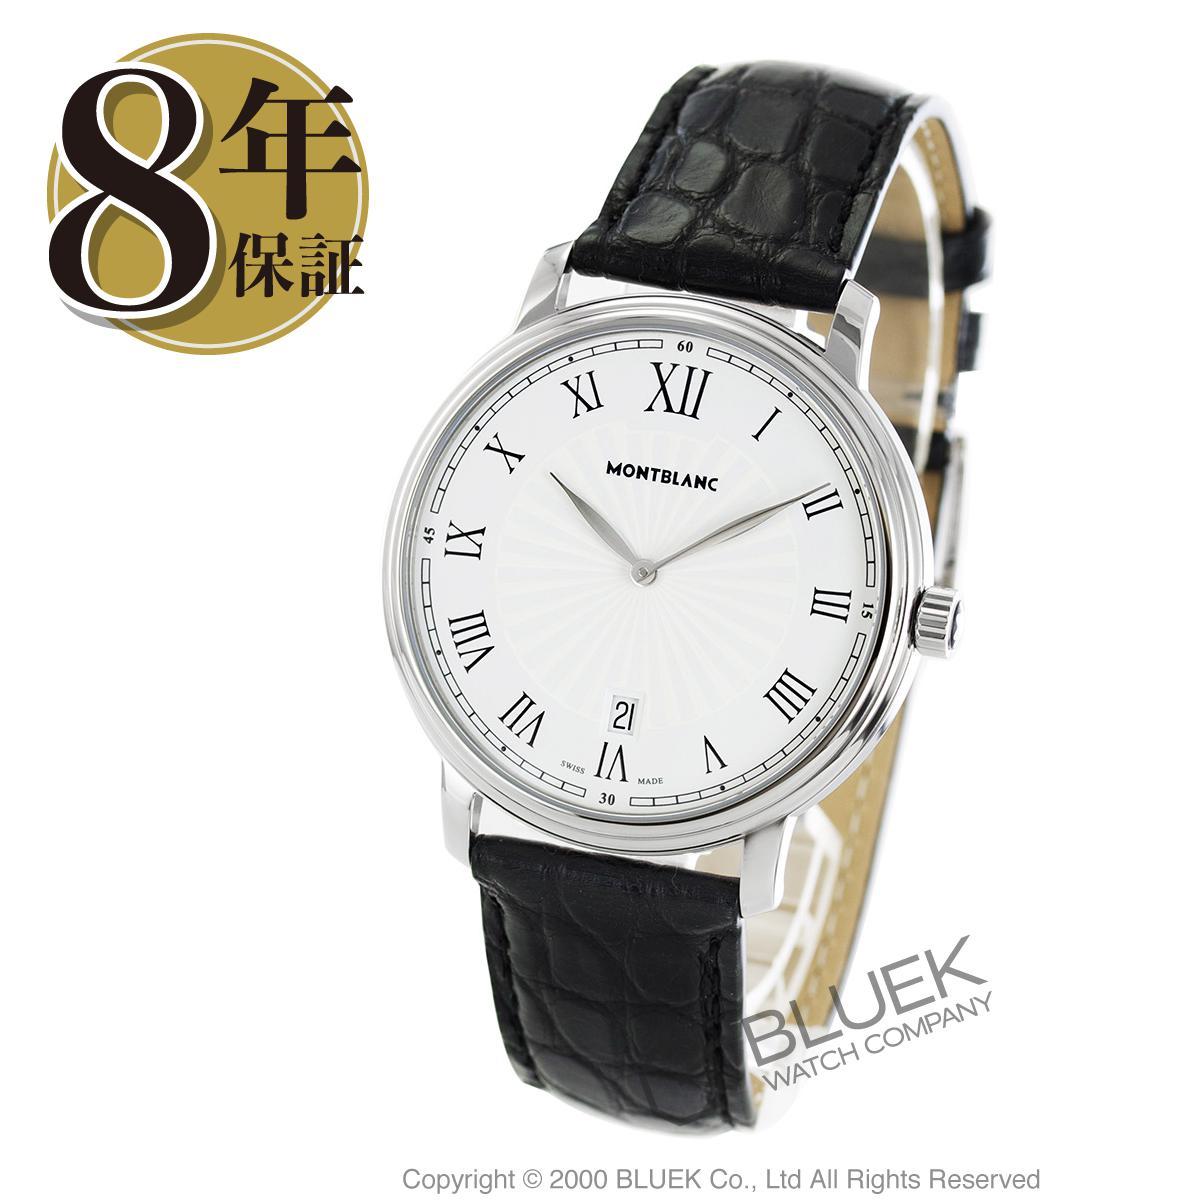 【最大3万円割引クーポン 11/01~】モンブラン トラディション アリゲーターレザー 腕時計 メンズ MONTBLANC 112633_8